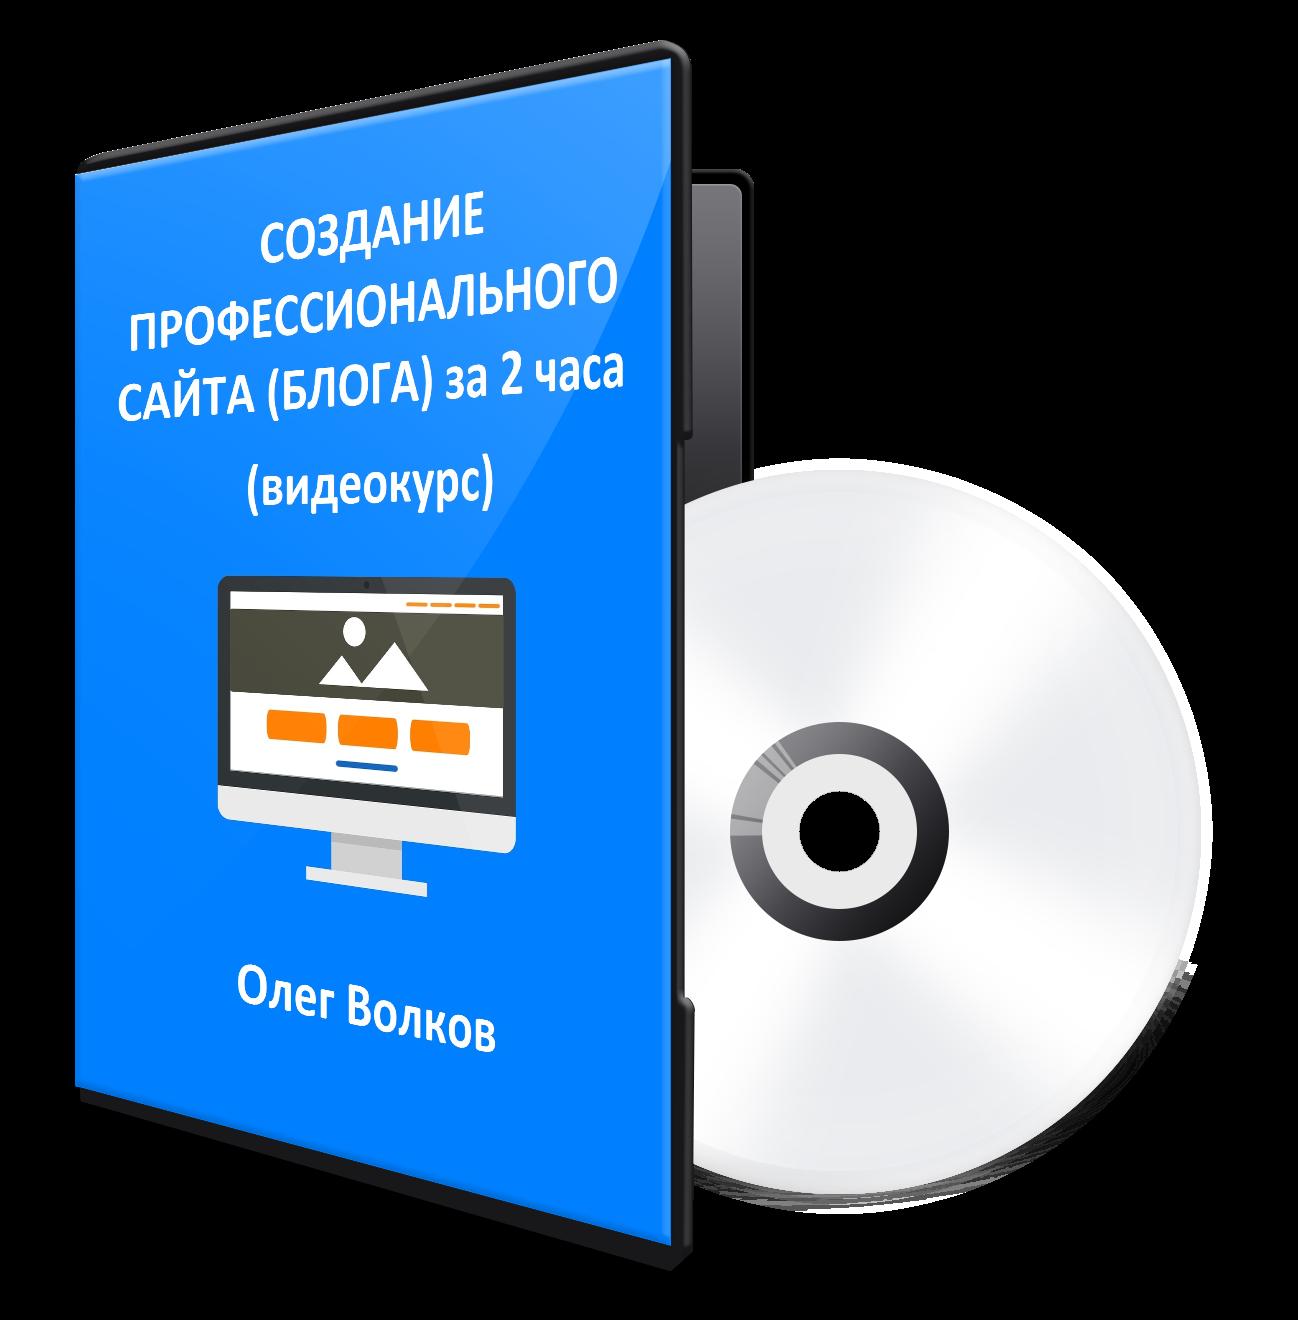 Бесплатно видео курсы создания сайтов nestle россия сайт компании